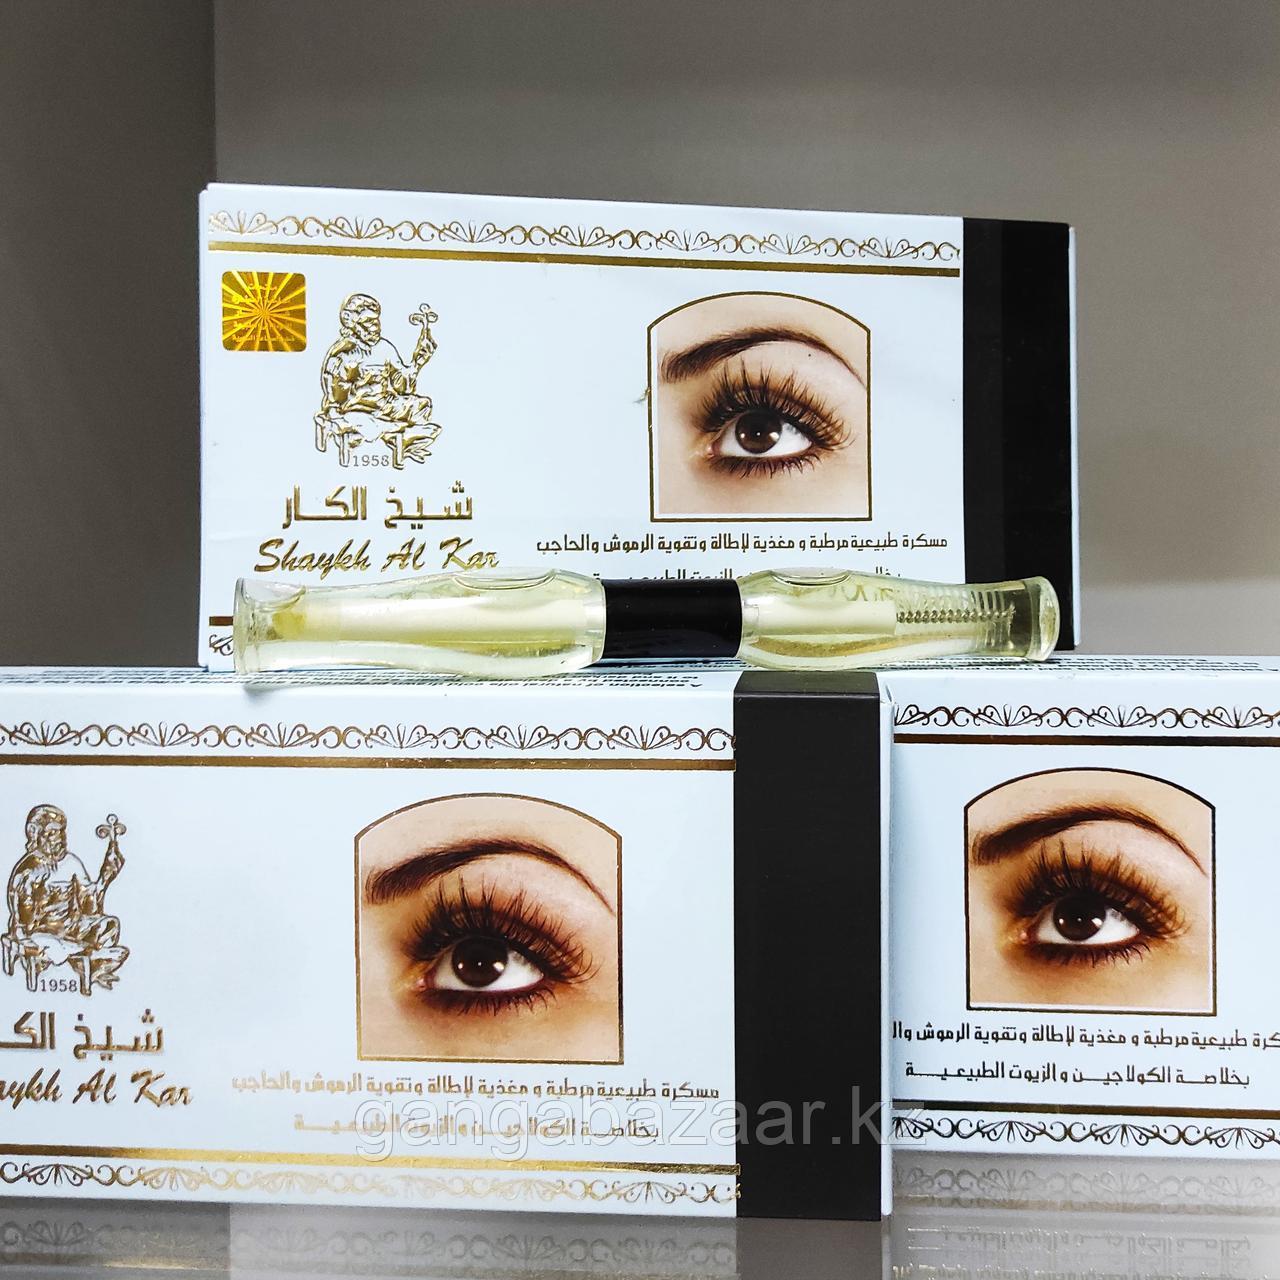 Натуральное масло Shaykh Al Kar для роста ресниц и бровей, 20 мл